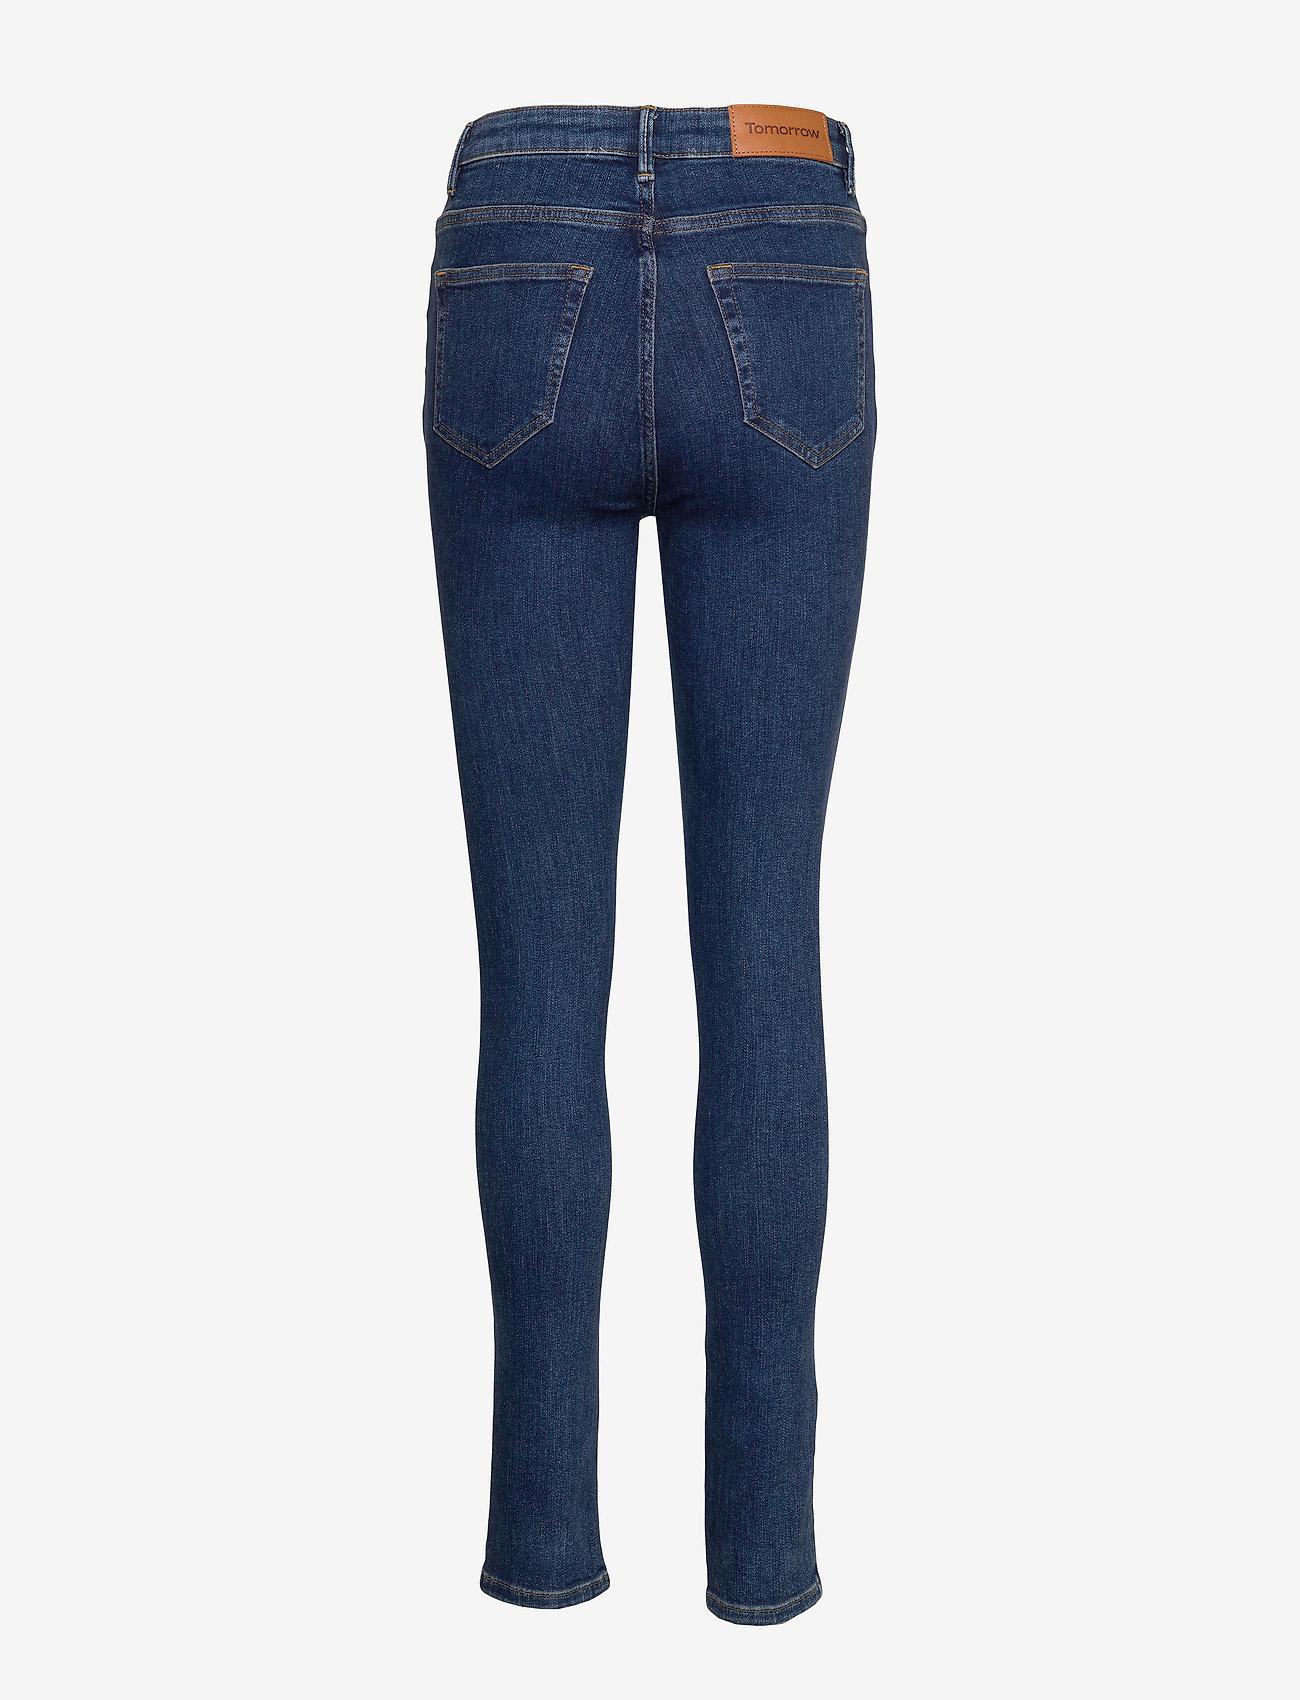 Tomorrow - Bowie HW jeans special Prato - skinny jeans - denim blue - 1